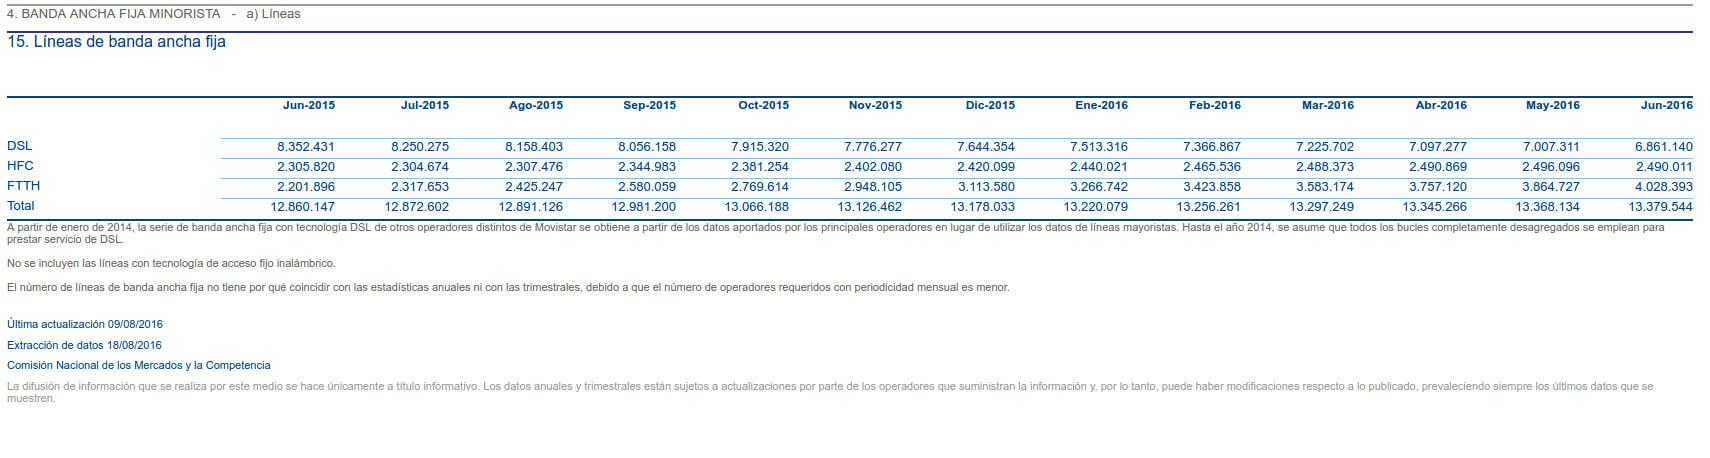 Progresión lineas FTTH en 2016 para España